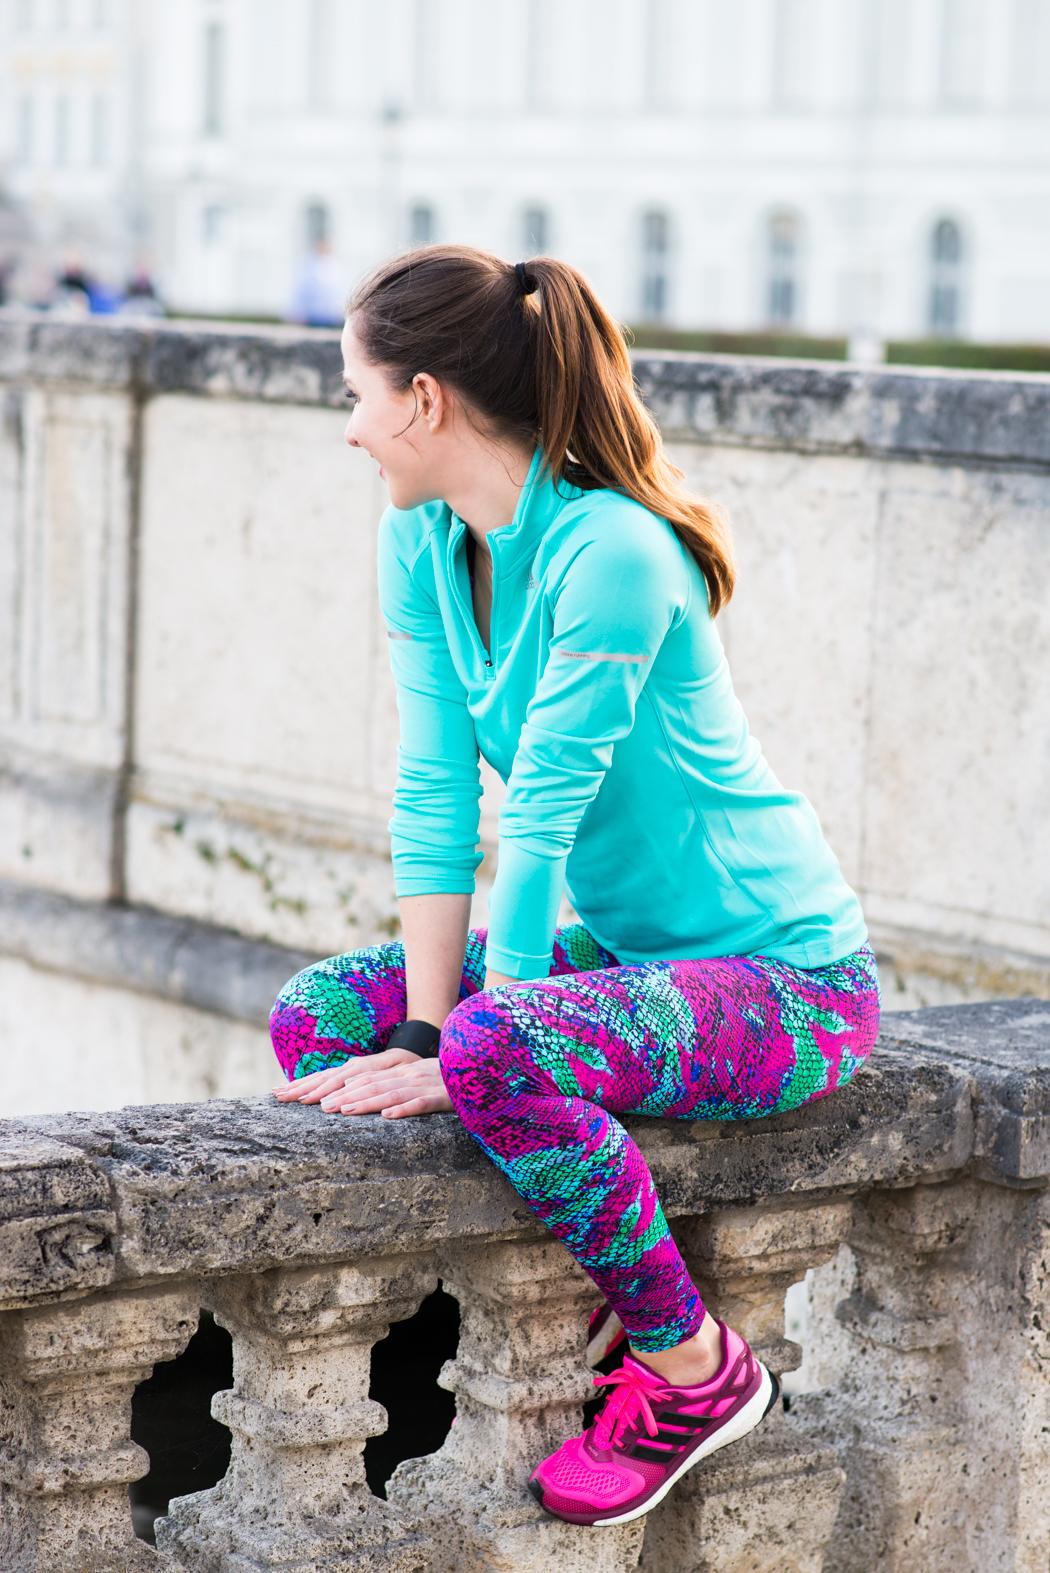 Onzie-Workoutgear-Snakeprint-Adidas-Boost-Fitnessblogger-6